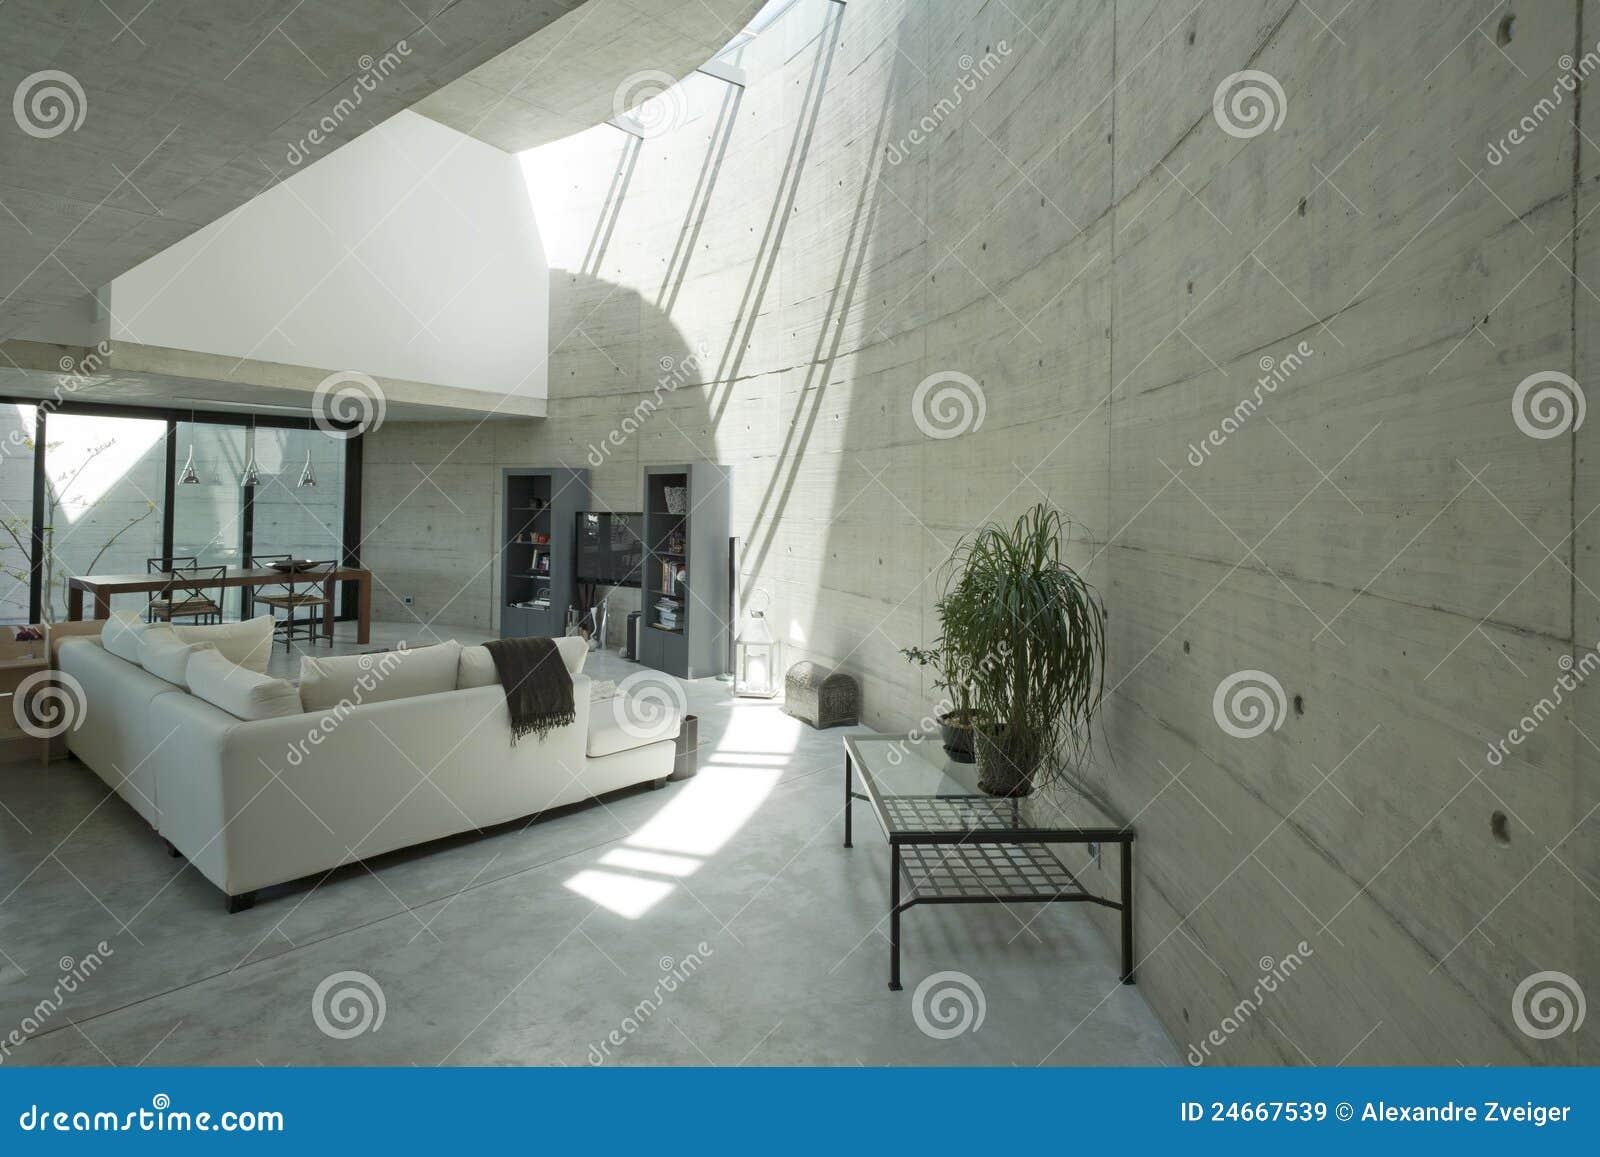 Modernes Innenhaus Im Beton Stockbild - Bild von betrieb, haupt ...